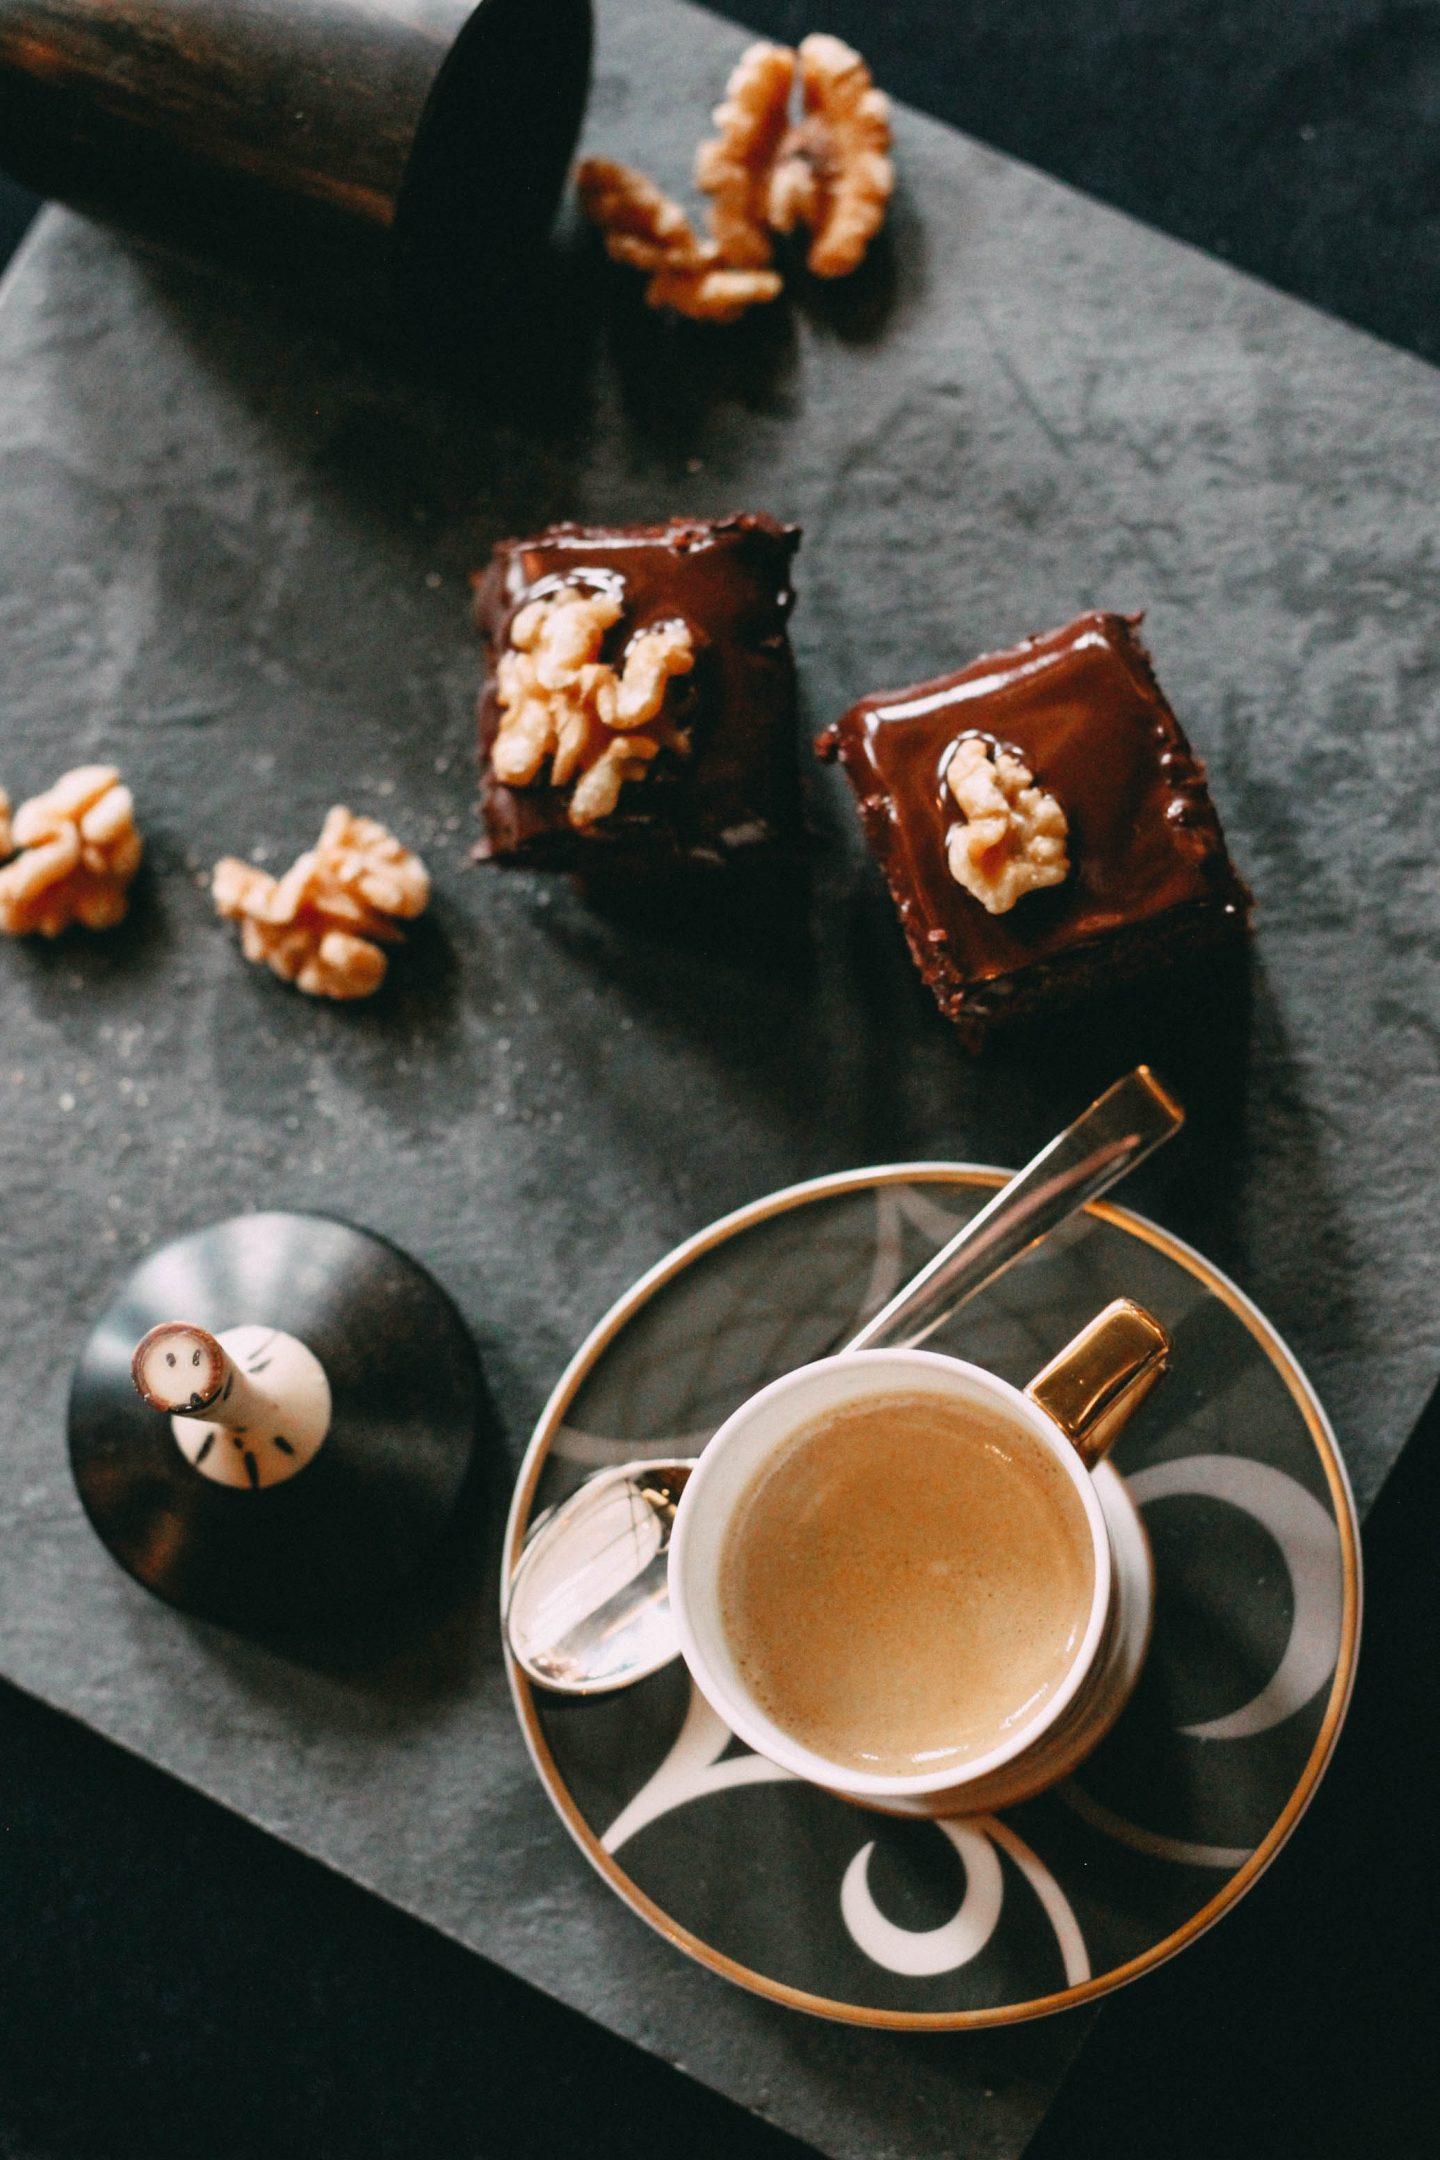 Omas_Lebkuchen-schnelles Weihnachtsgebäck nach Grossmutters Rezept-Backanleitung für einen saftigen und weichen Lebkuchen-gebacken im Hotel Lösch für Freunde